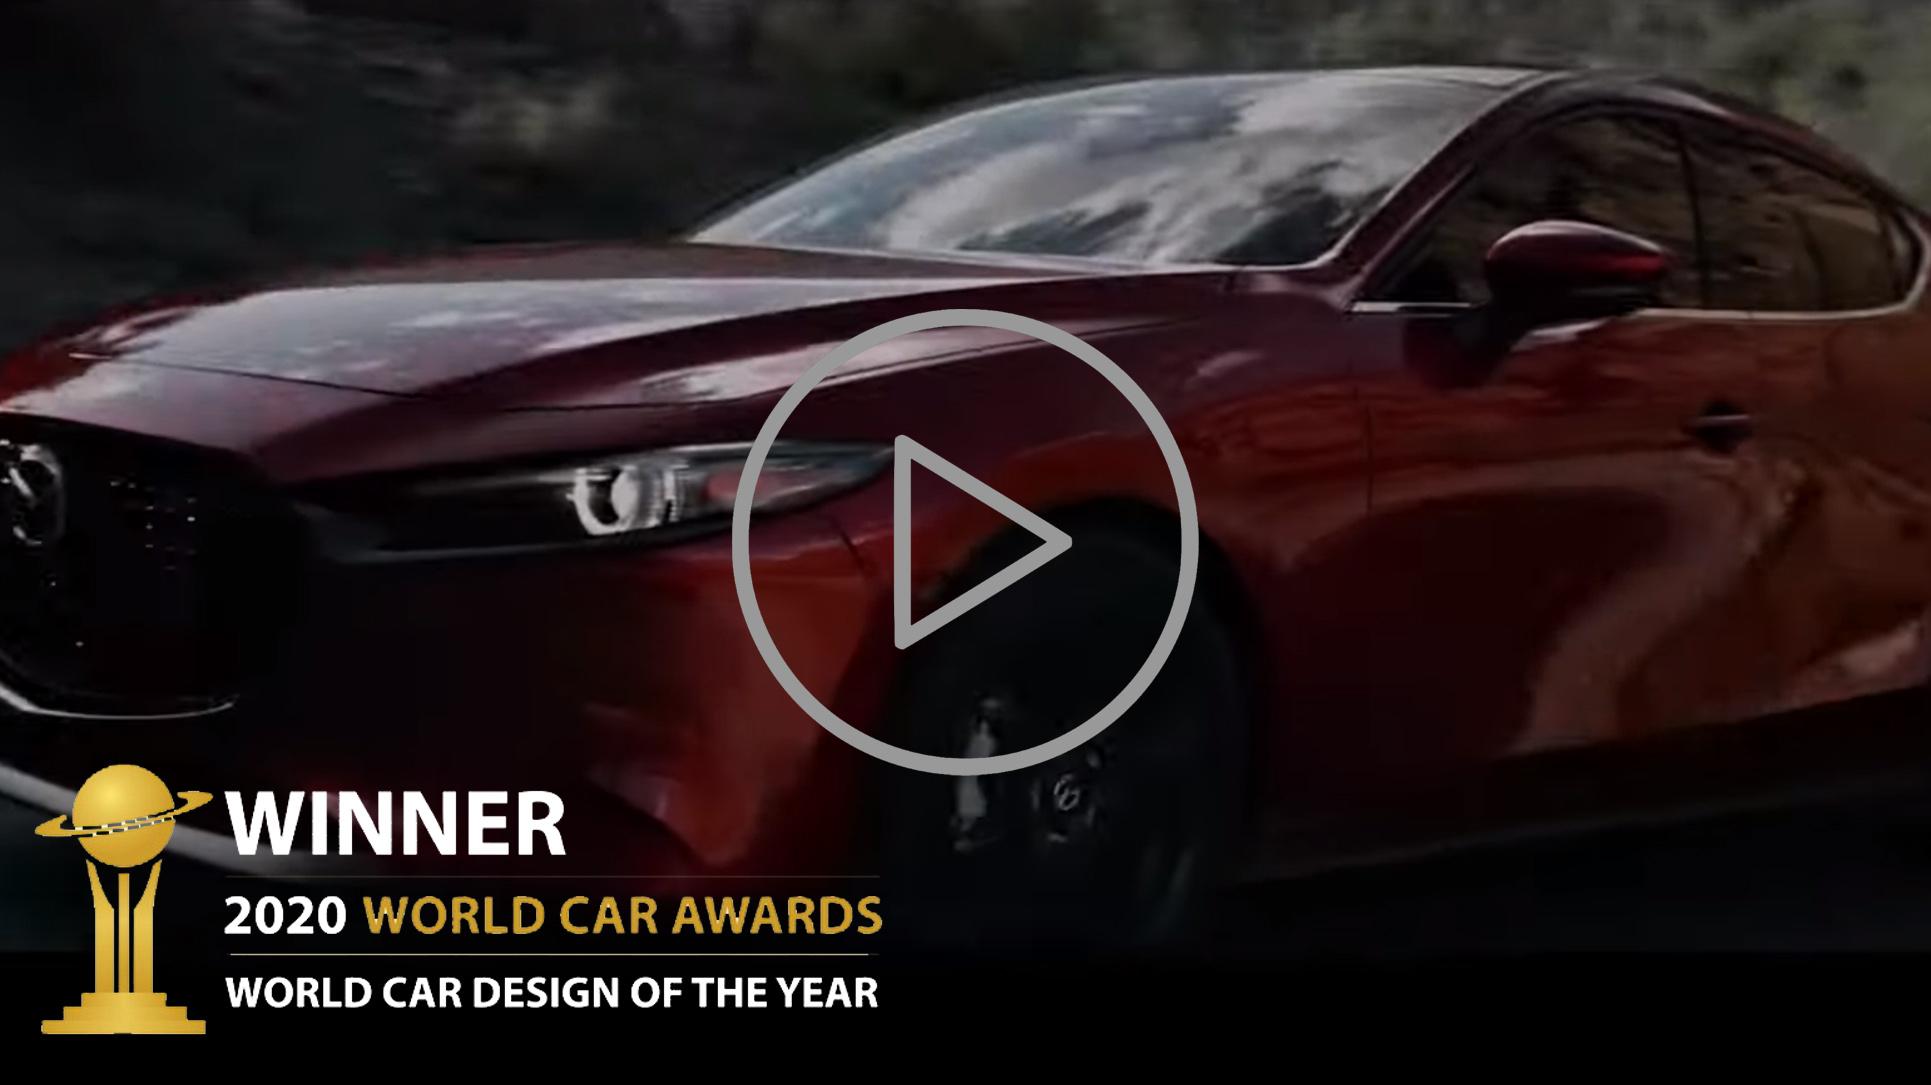 Se de smukke detaljer i vinderen af World Car Awards 2020 den nye Mazda3